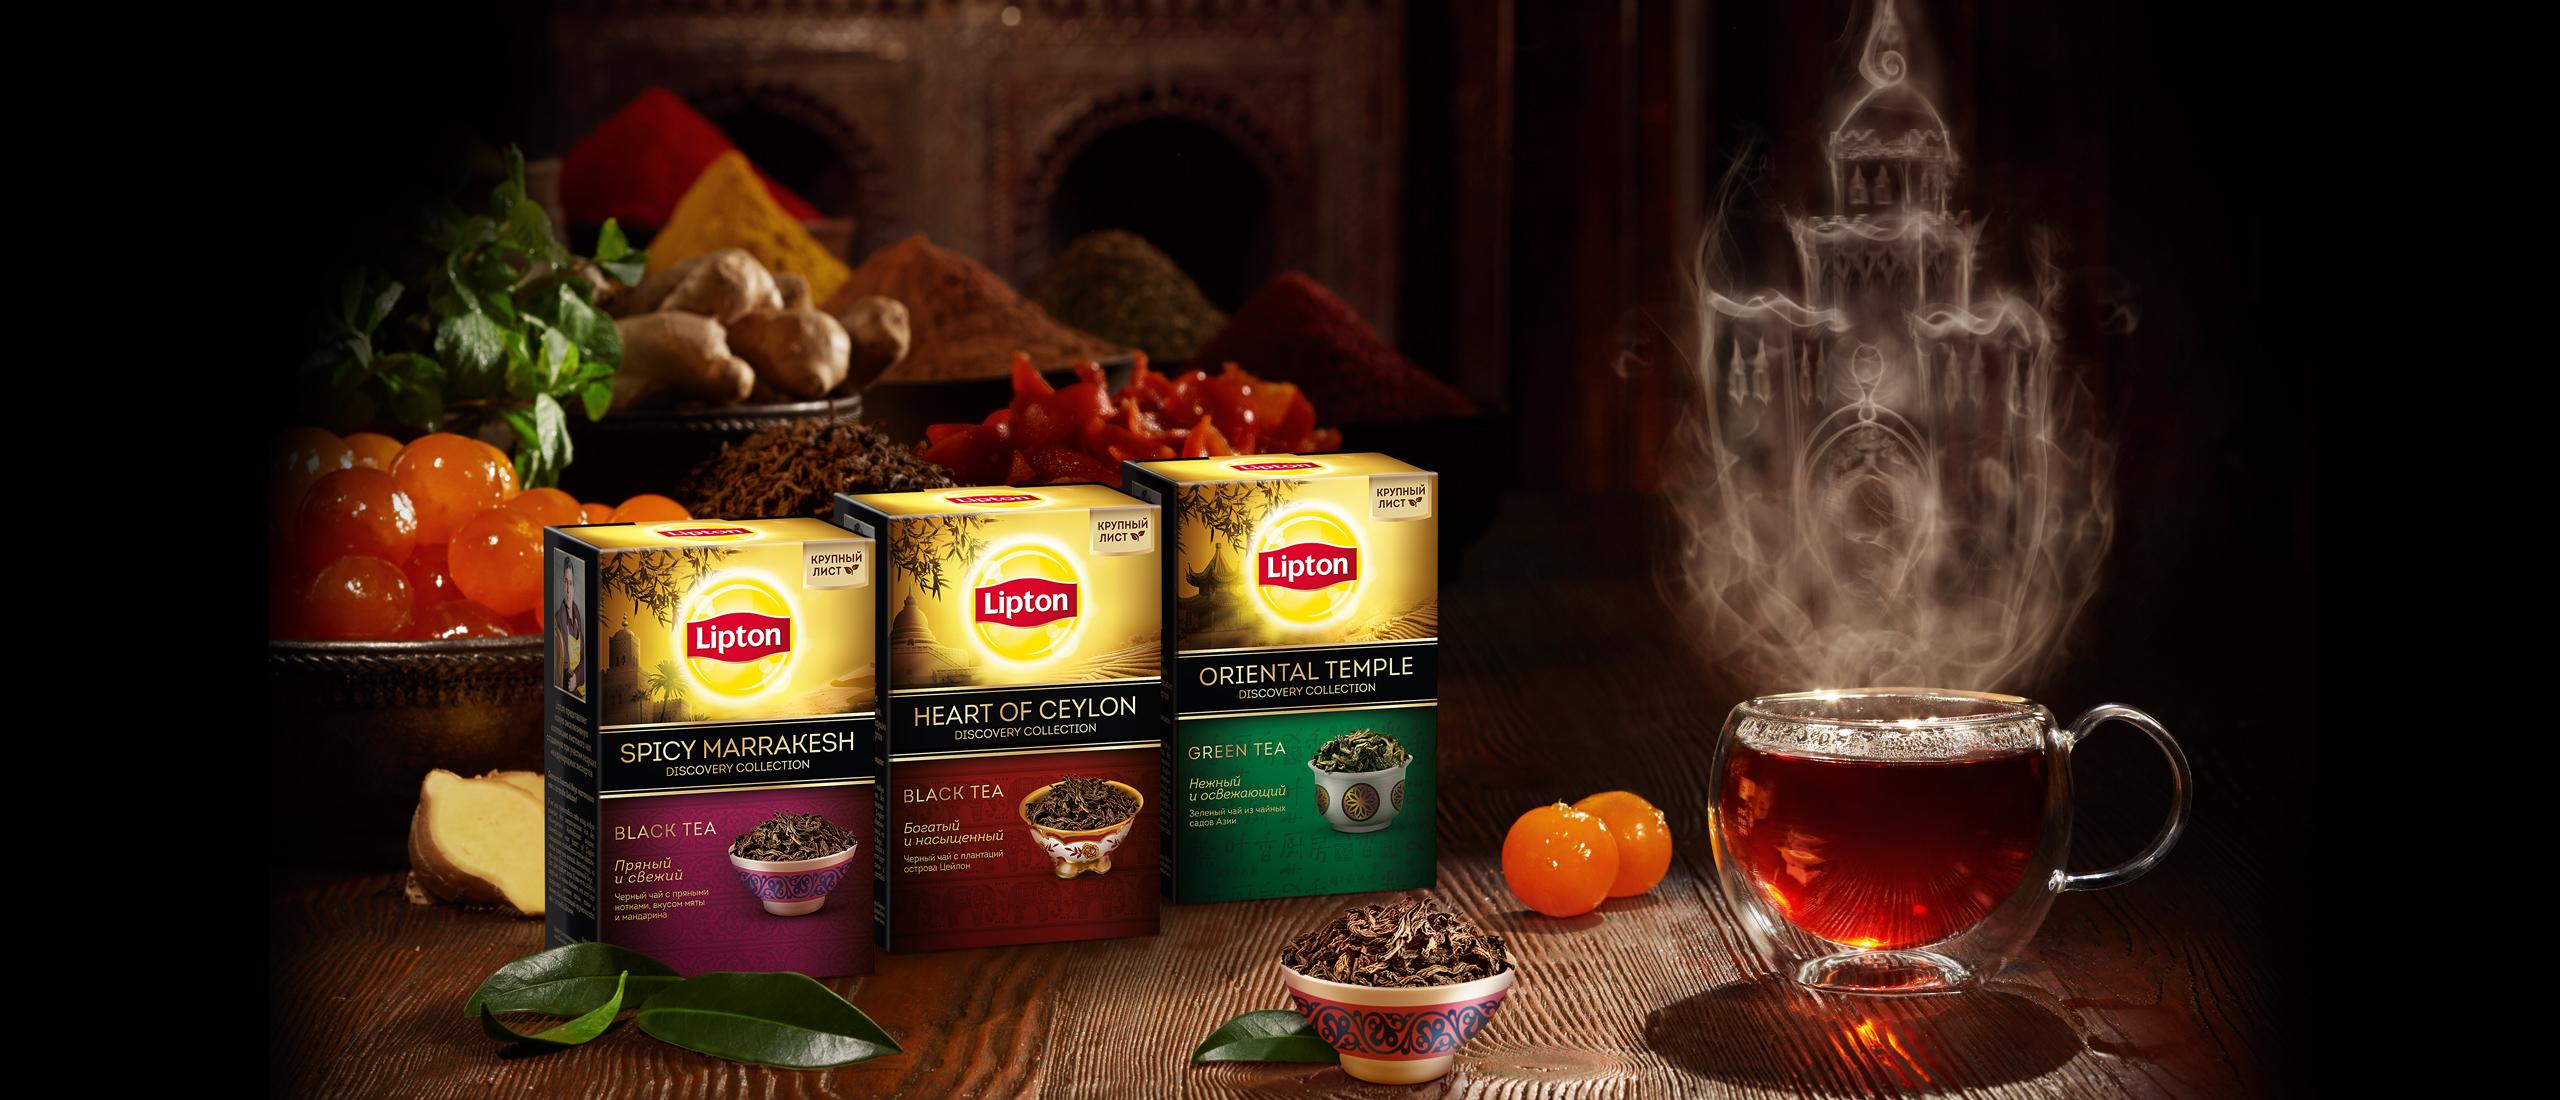 Коллекция чая Lipton